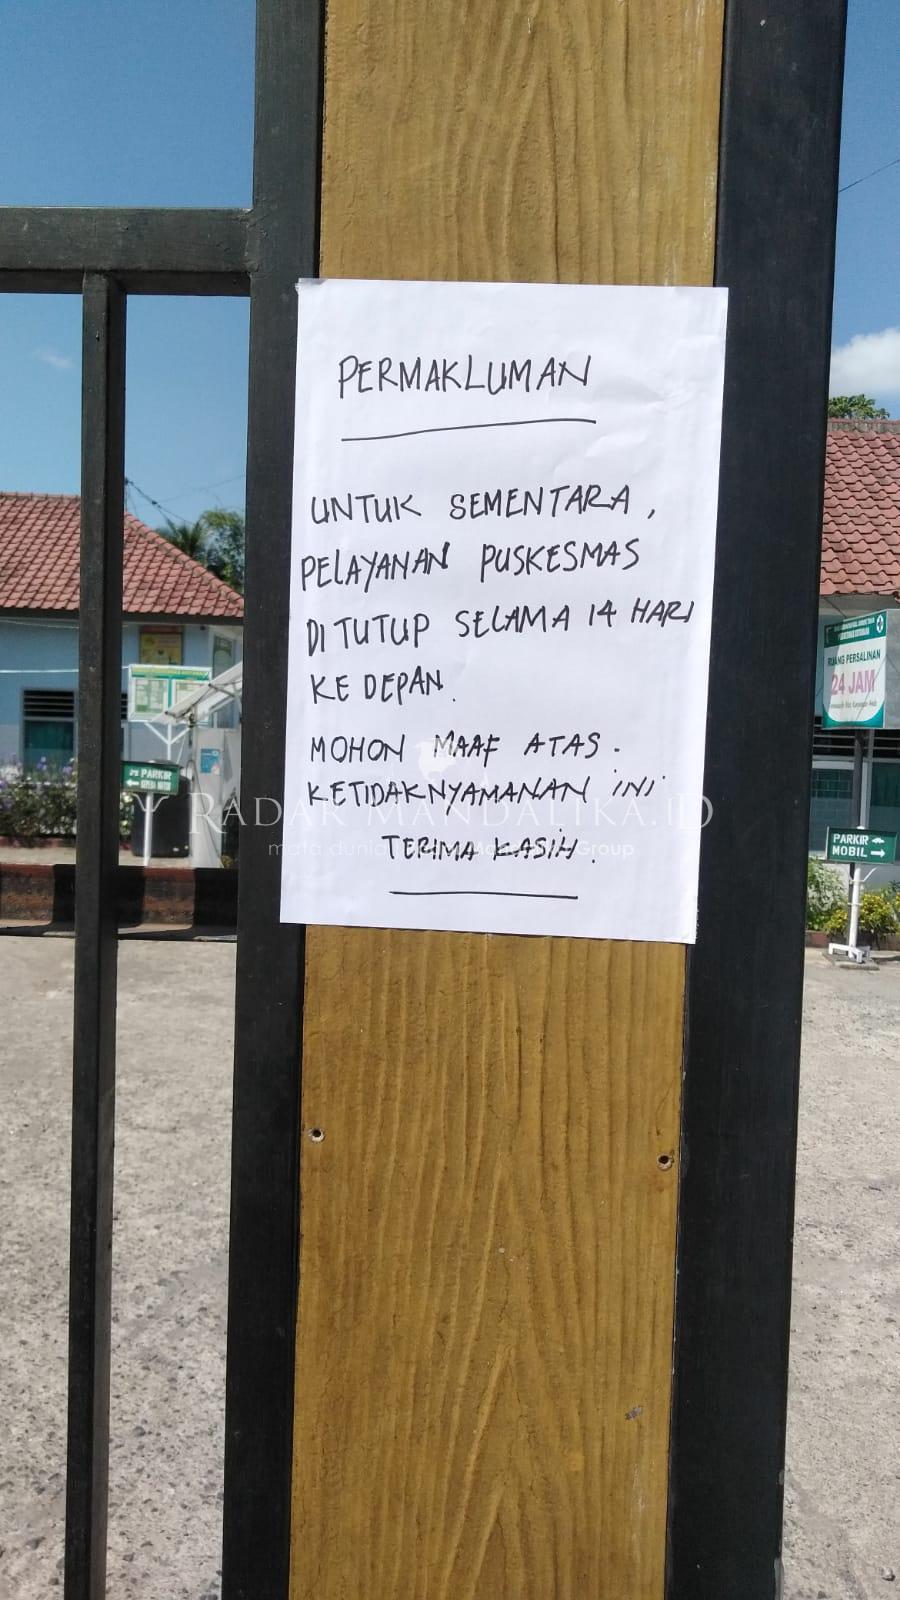 Puskesmas Kotaraja Tutup Gara-gara Enam Petugas Dinyatakan Reaktif